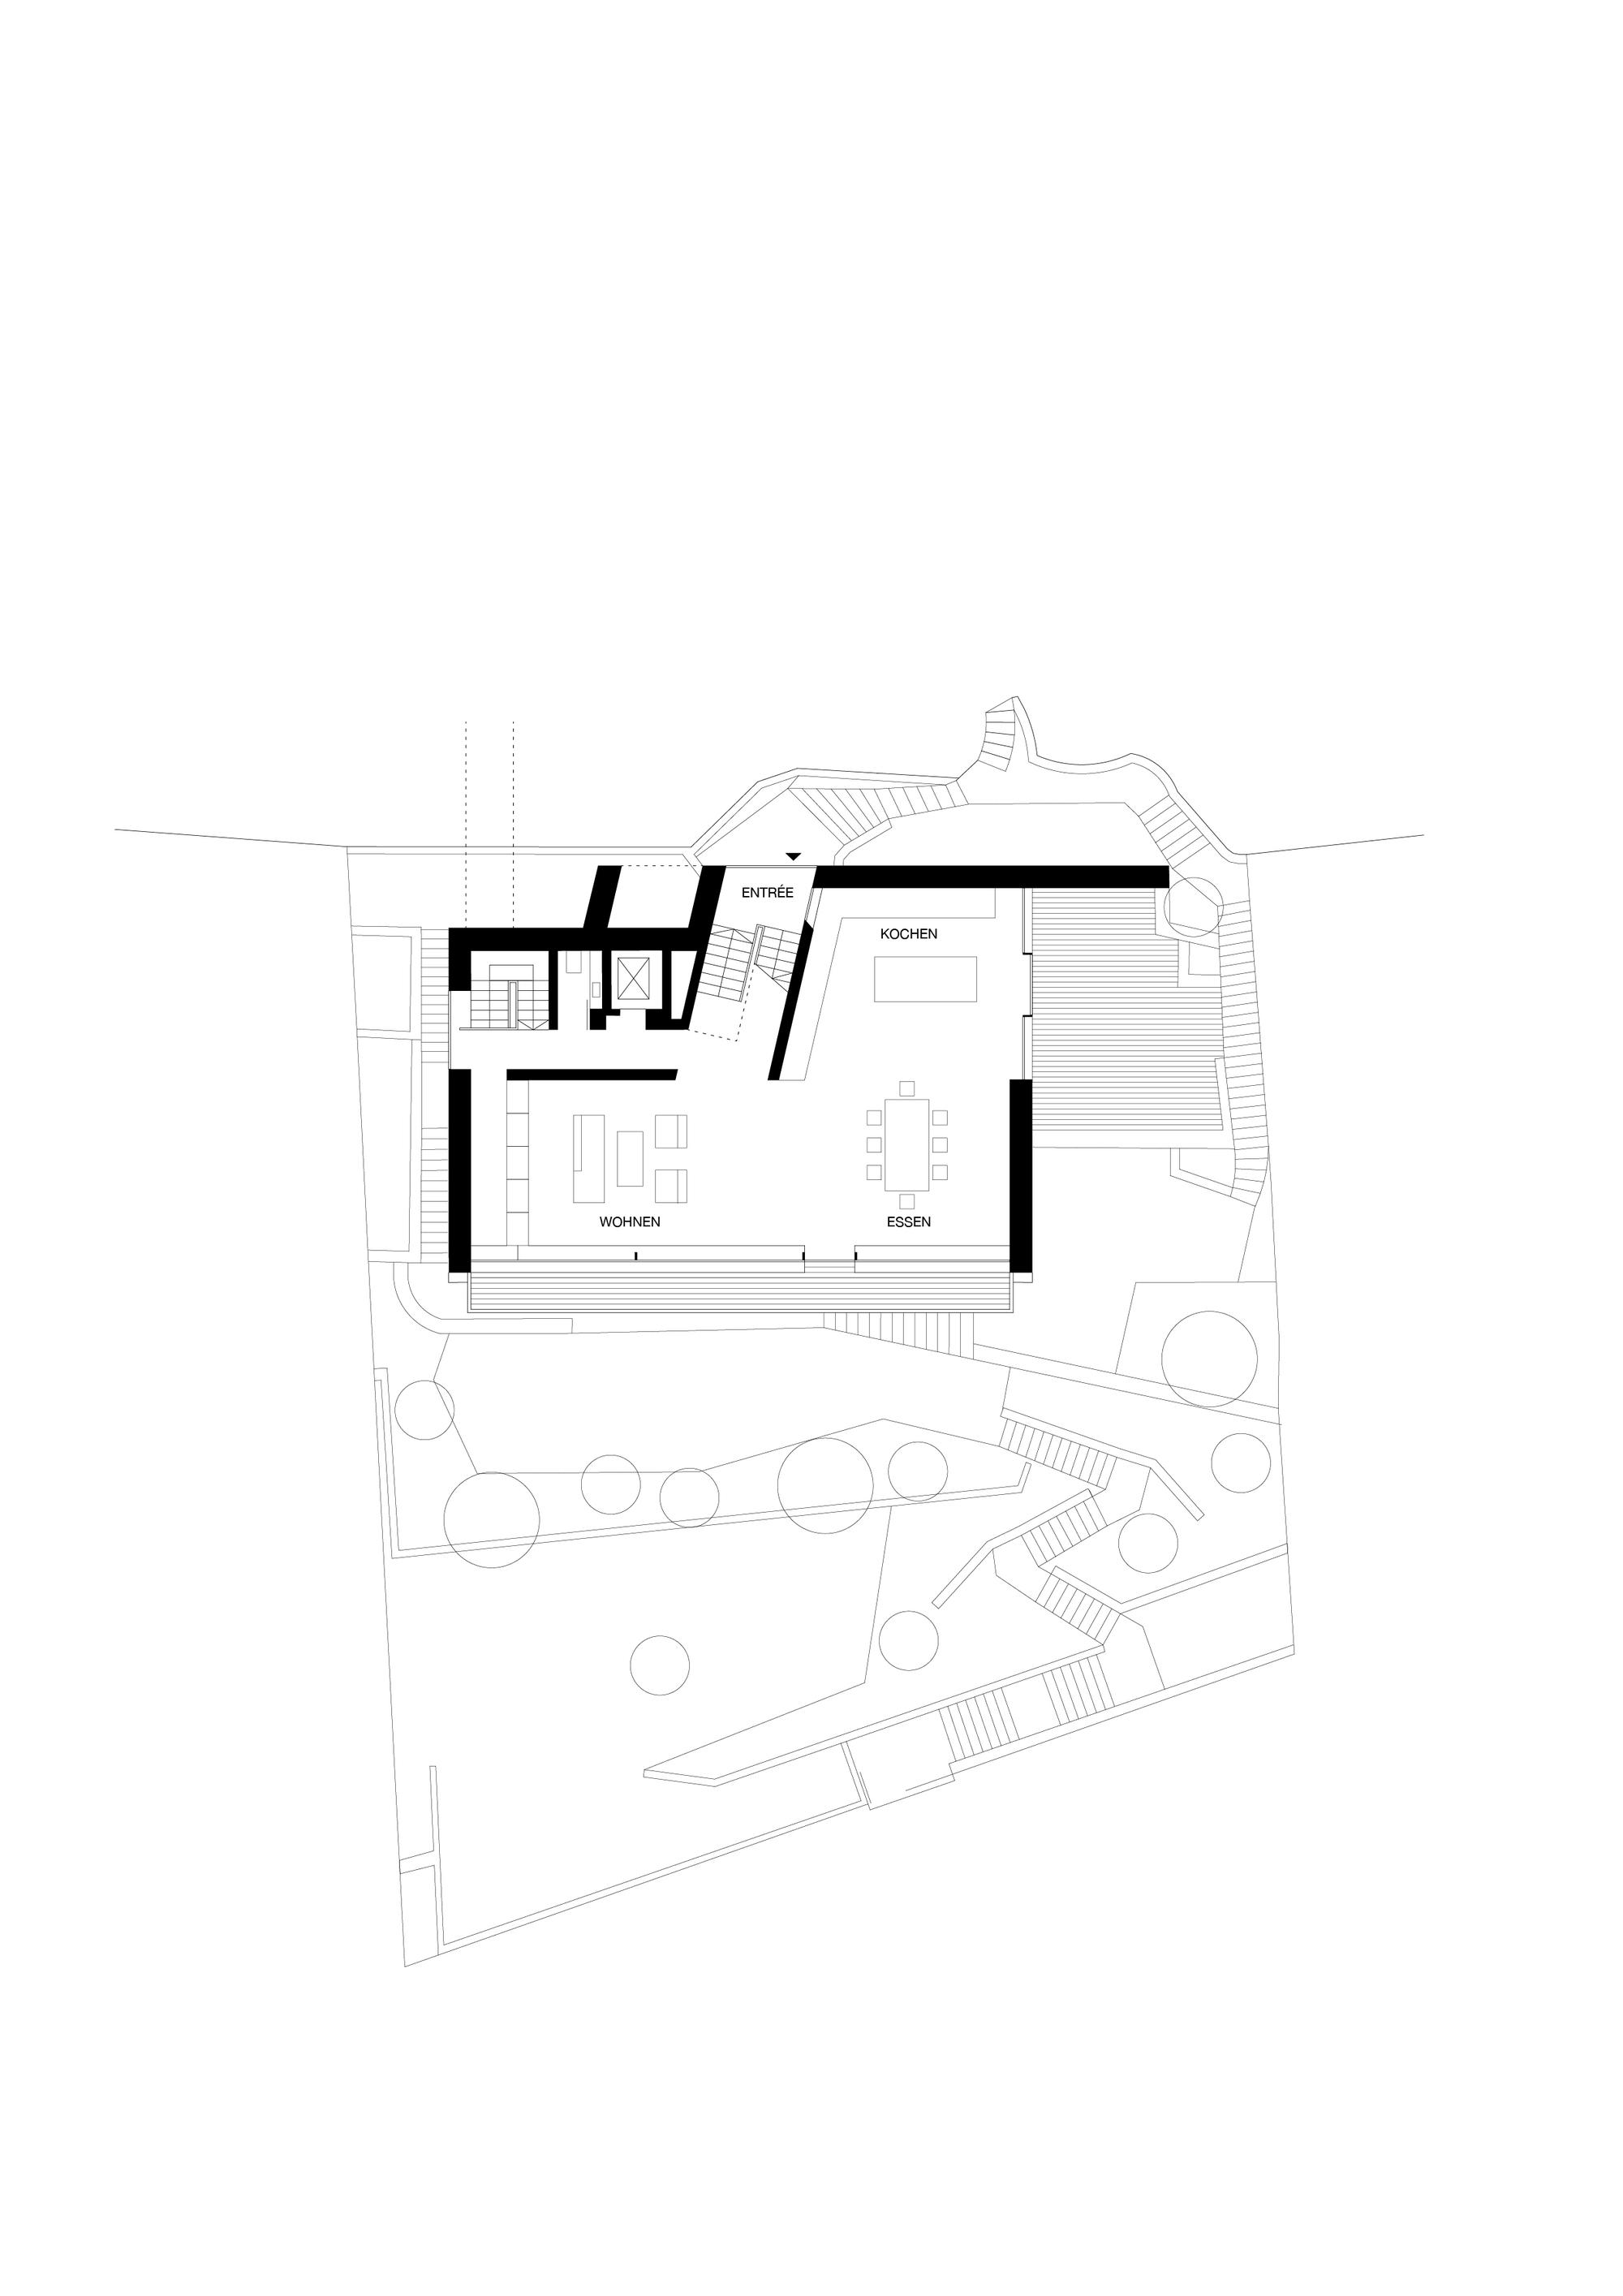 Galer a de haus b yonder architektur und design 19 for Architektur und design